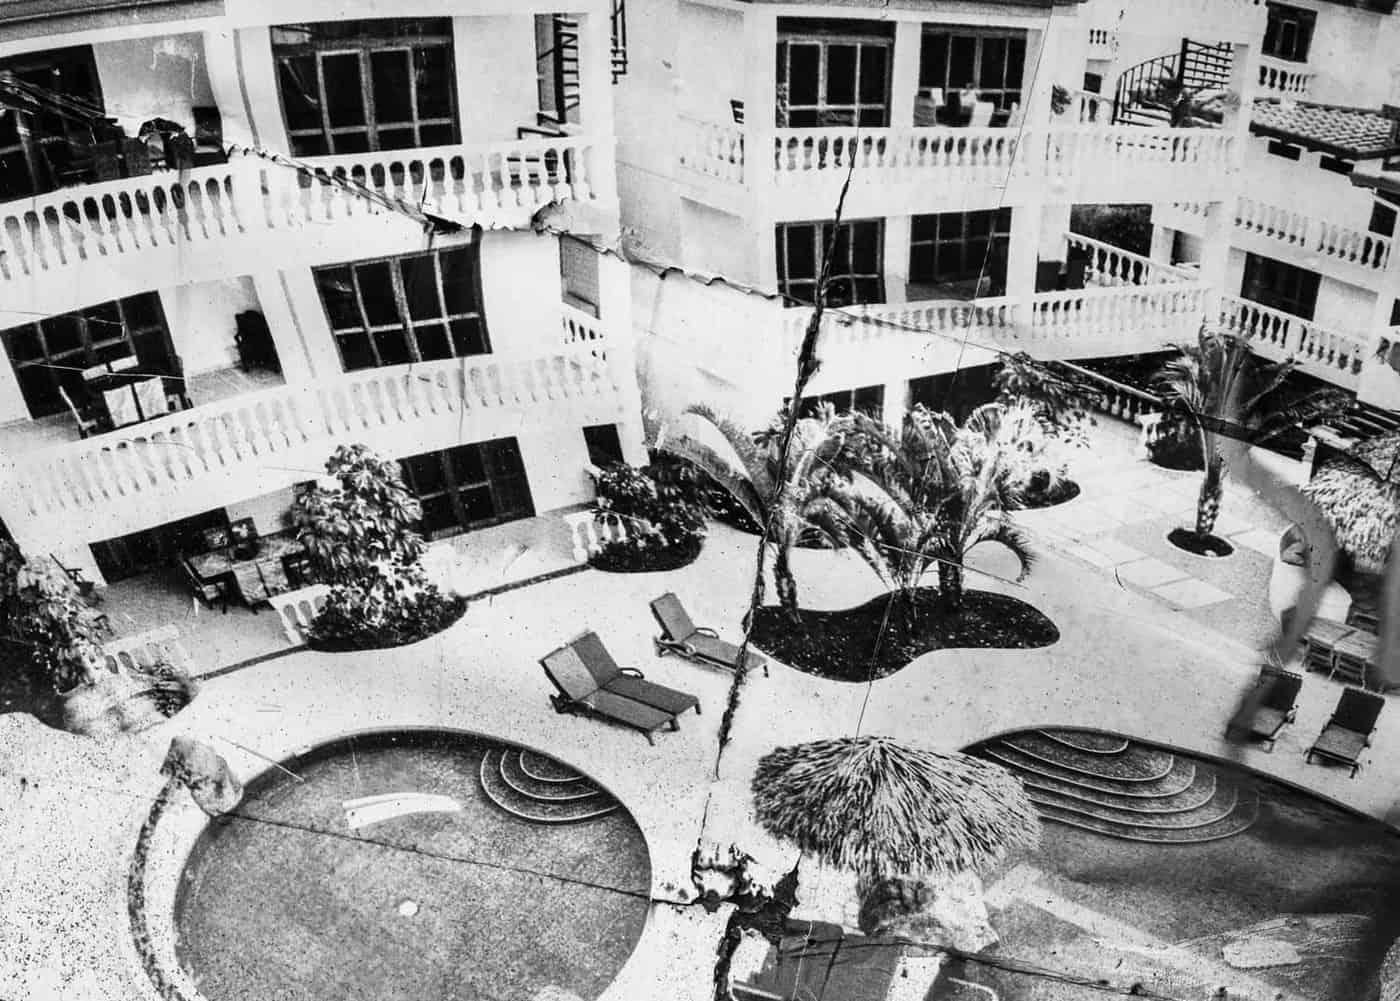 Después del 2008 con la crisis inmobiliaria en Estados Unidos, muchos megaproyectos se vieron frustados y hoy solo quedan las ruinas de lo que iban a ser edificios de habitaciones. Playa Jacó, Pacífico Central.